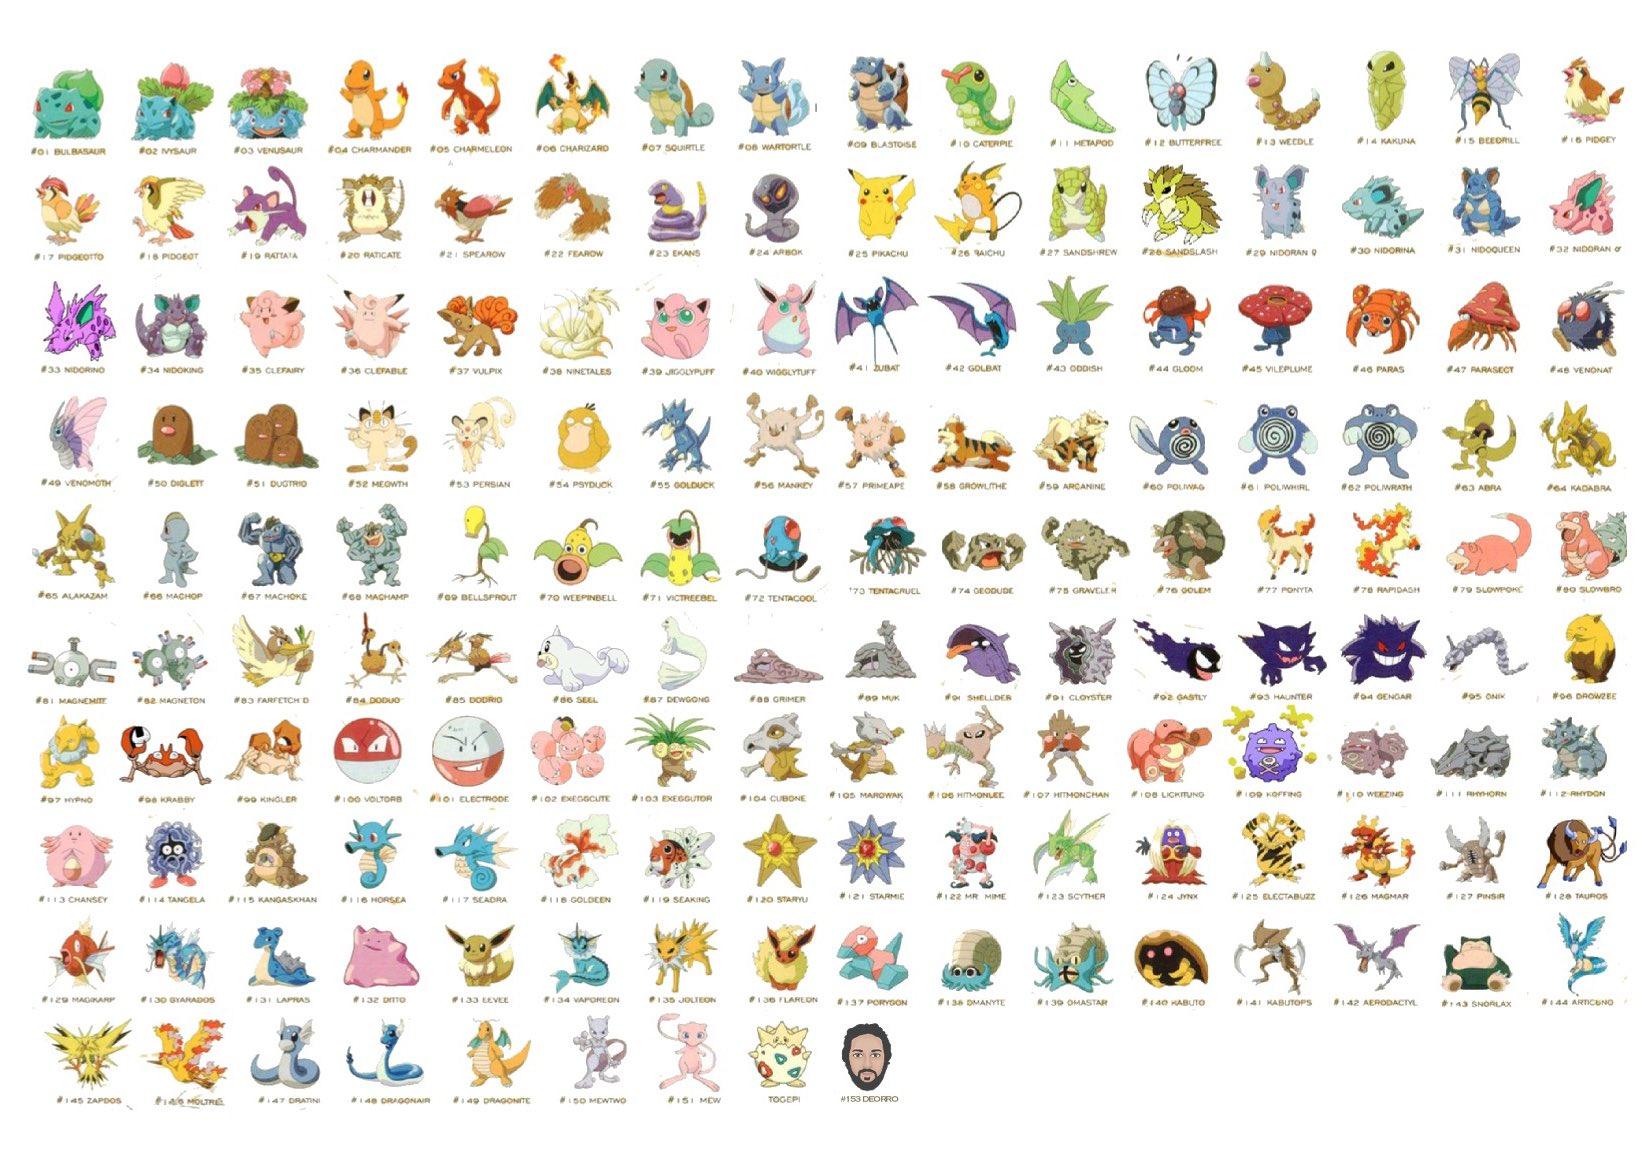 Нужны все покемоны в картинках с именами